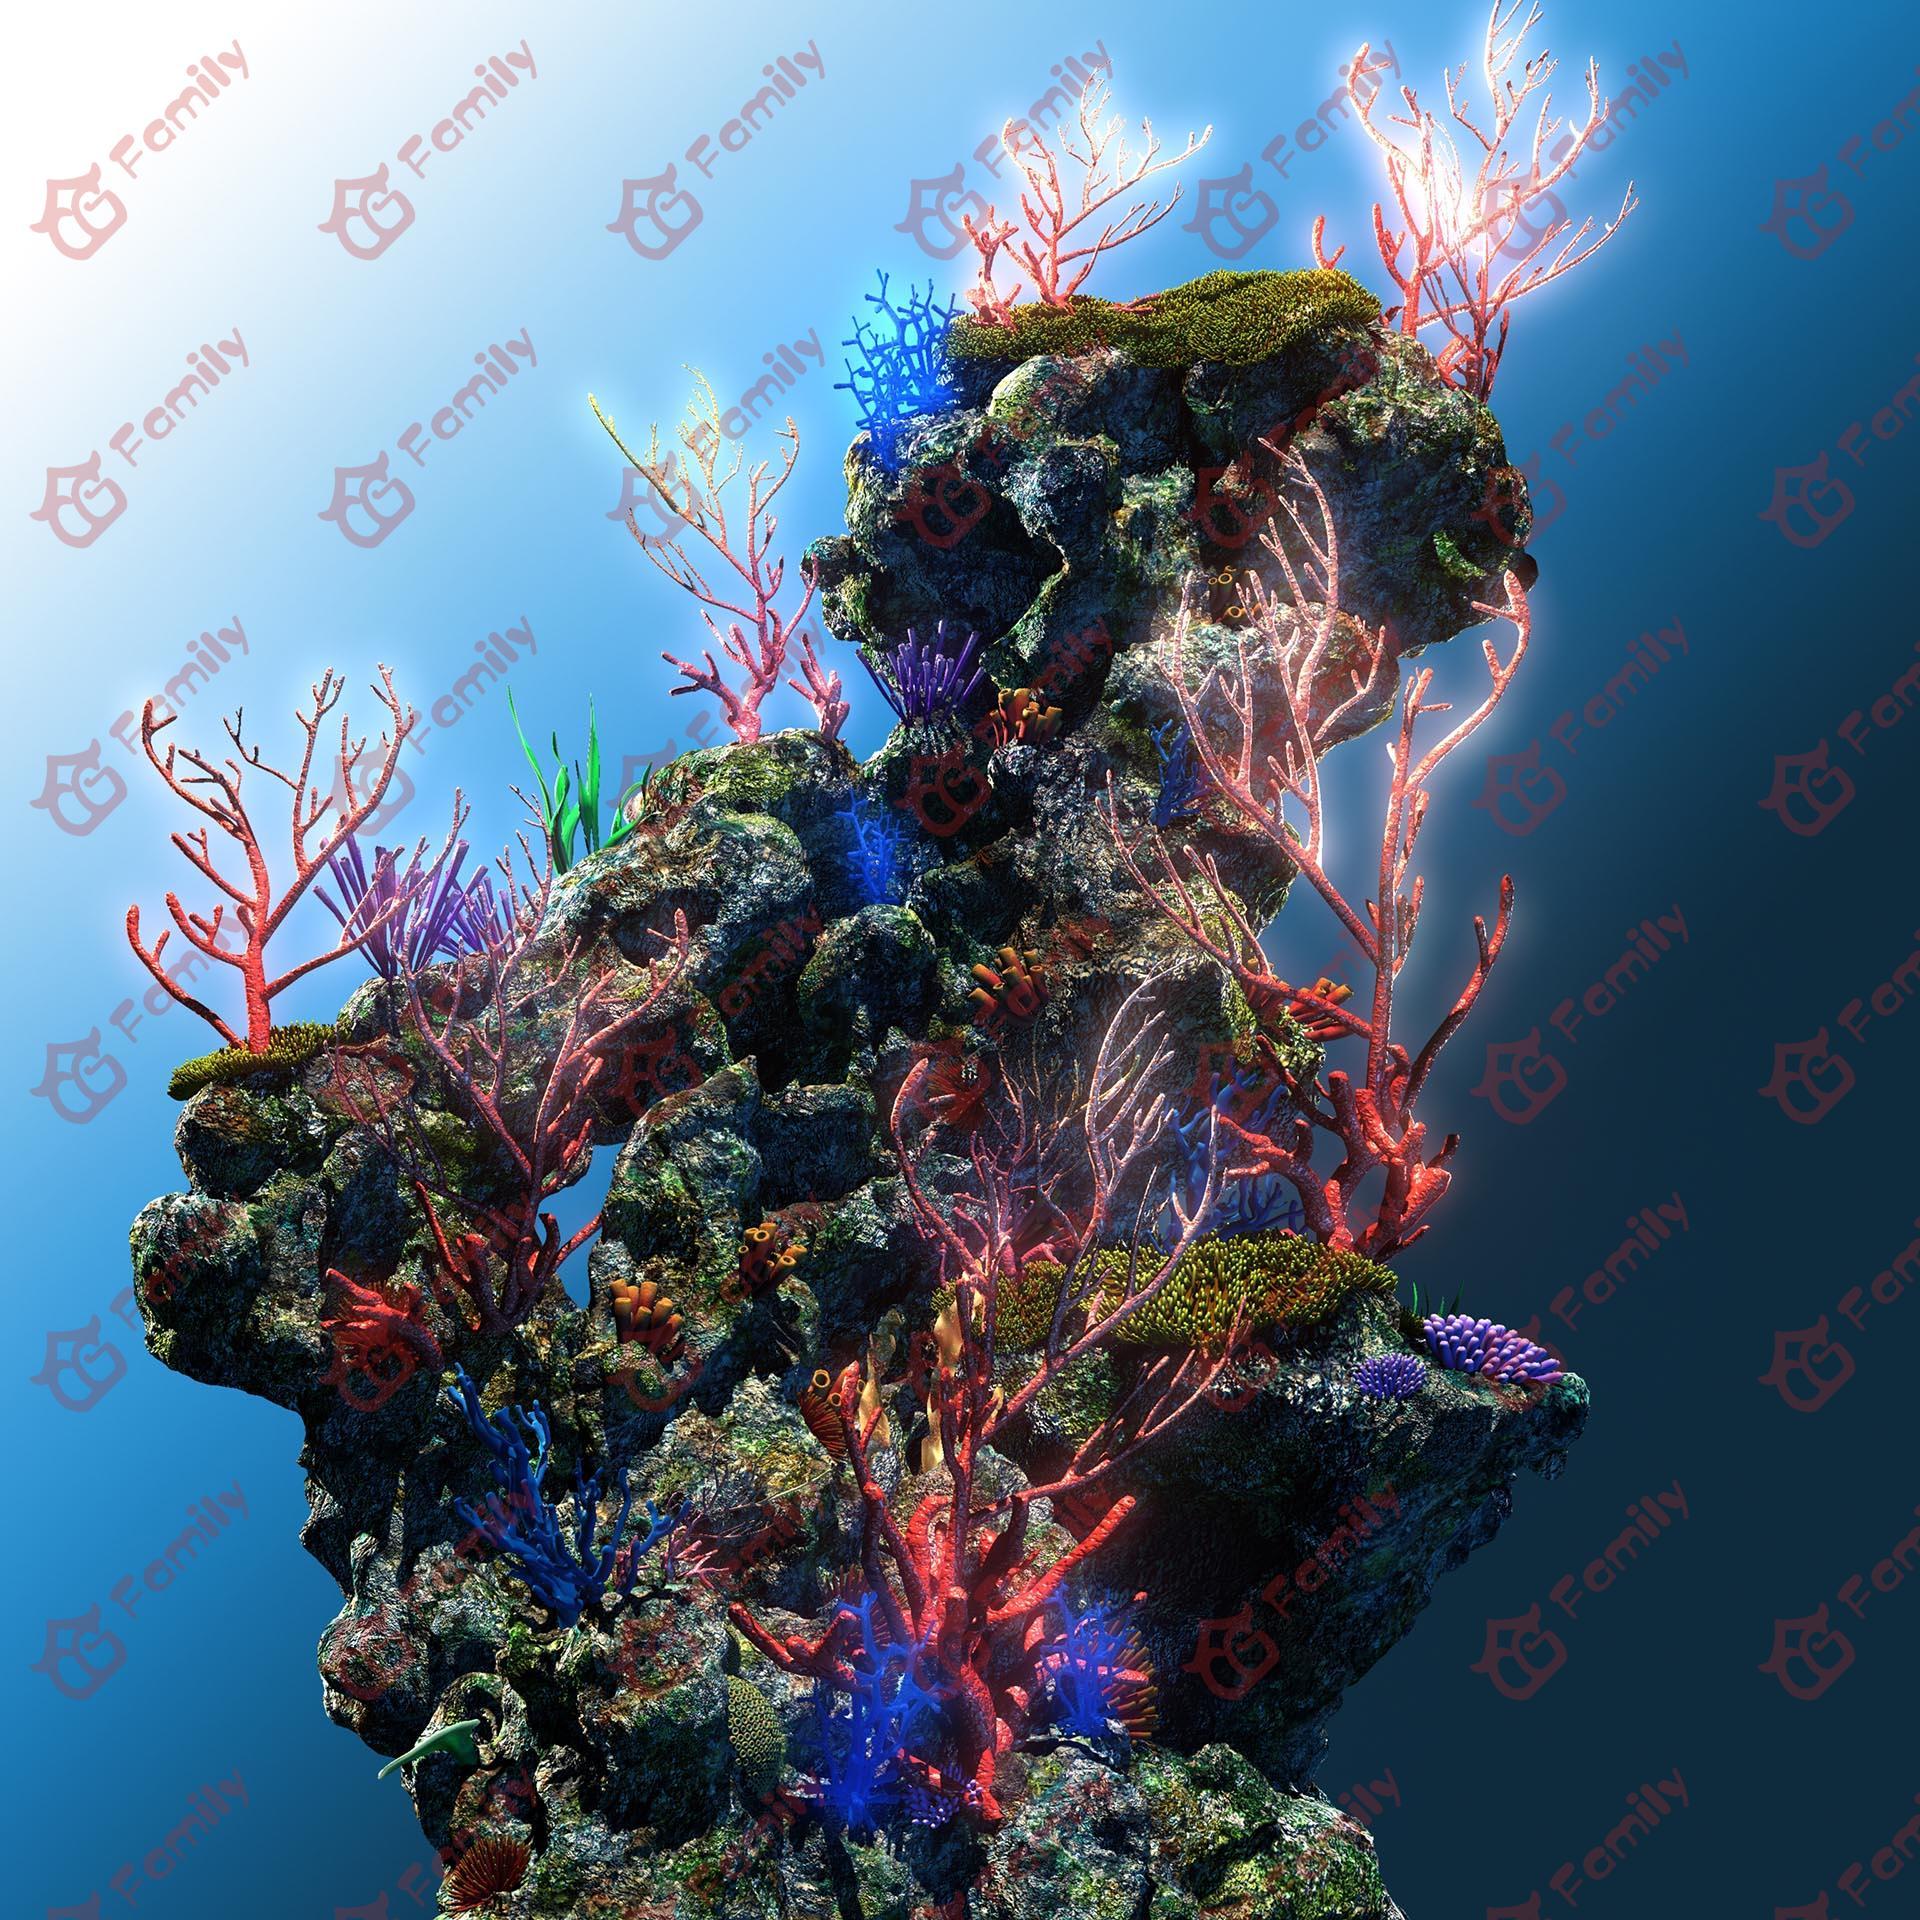 三种海底长满植物的礁石模型下载